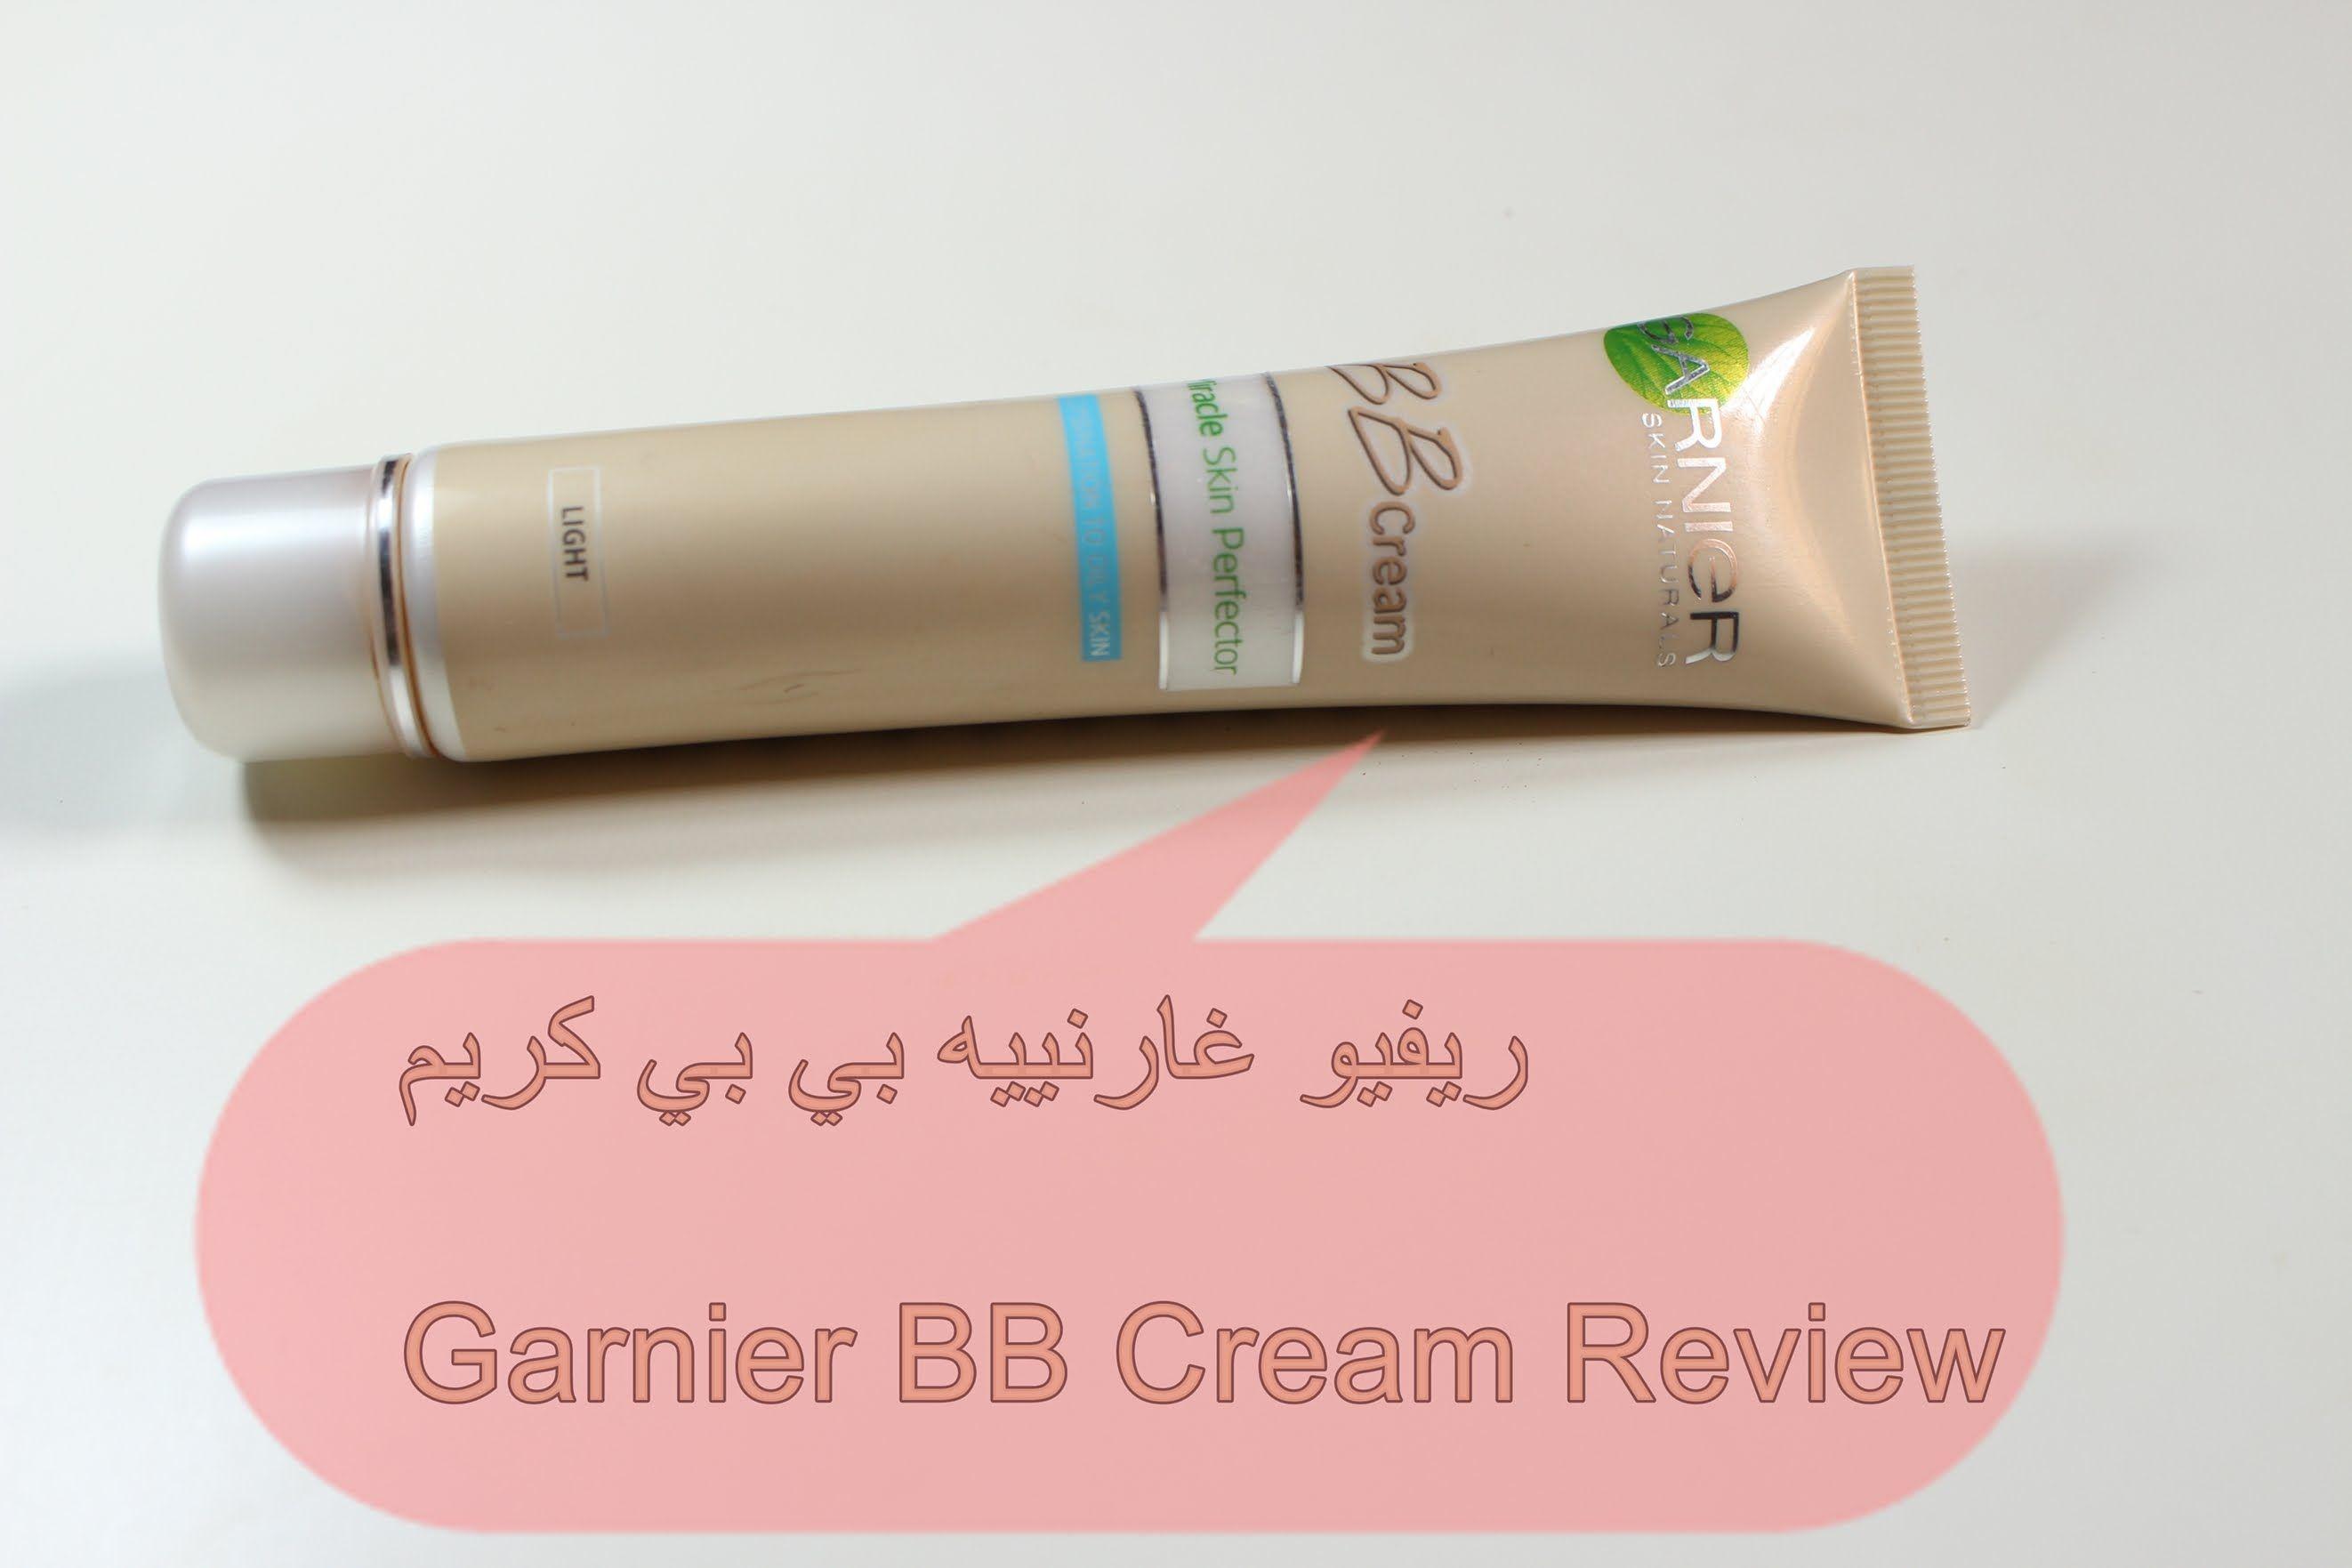 ريفيو بي بي كريم غارنييه Garnier Bb Cream Review Youtube Lipstick Toothpaste